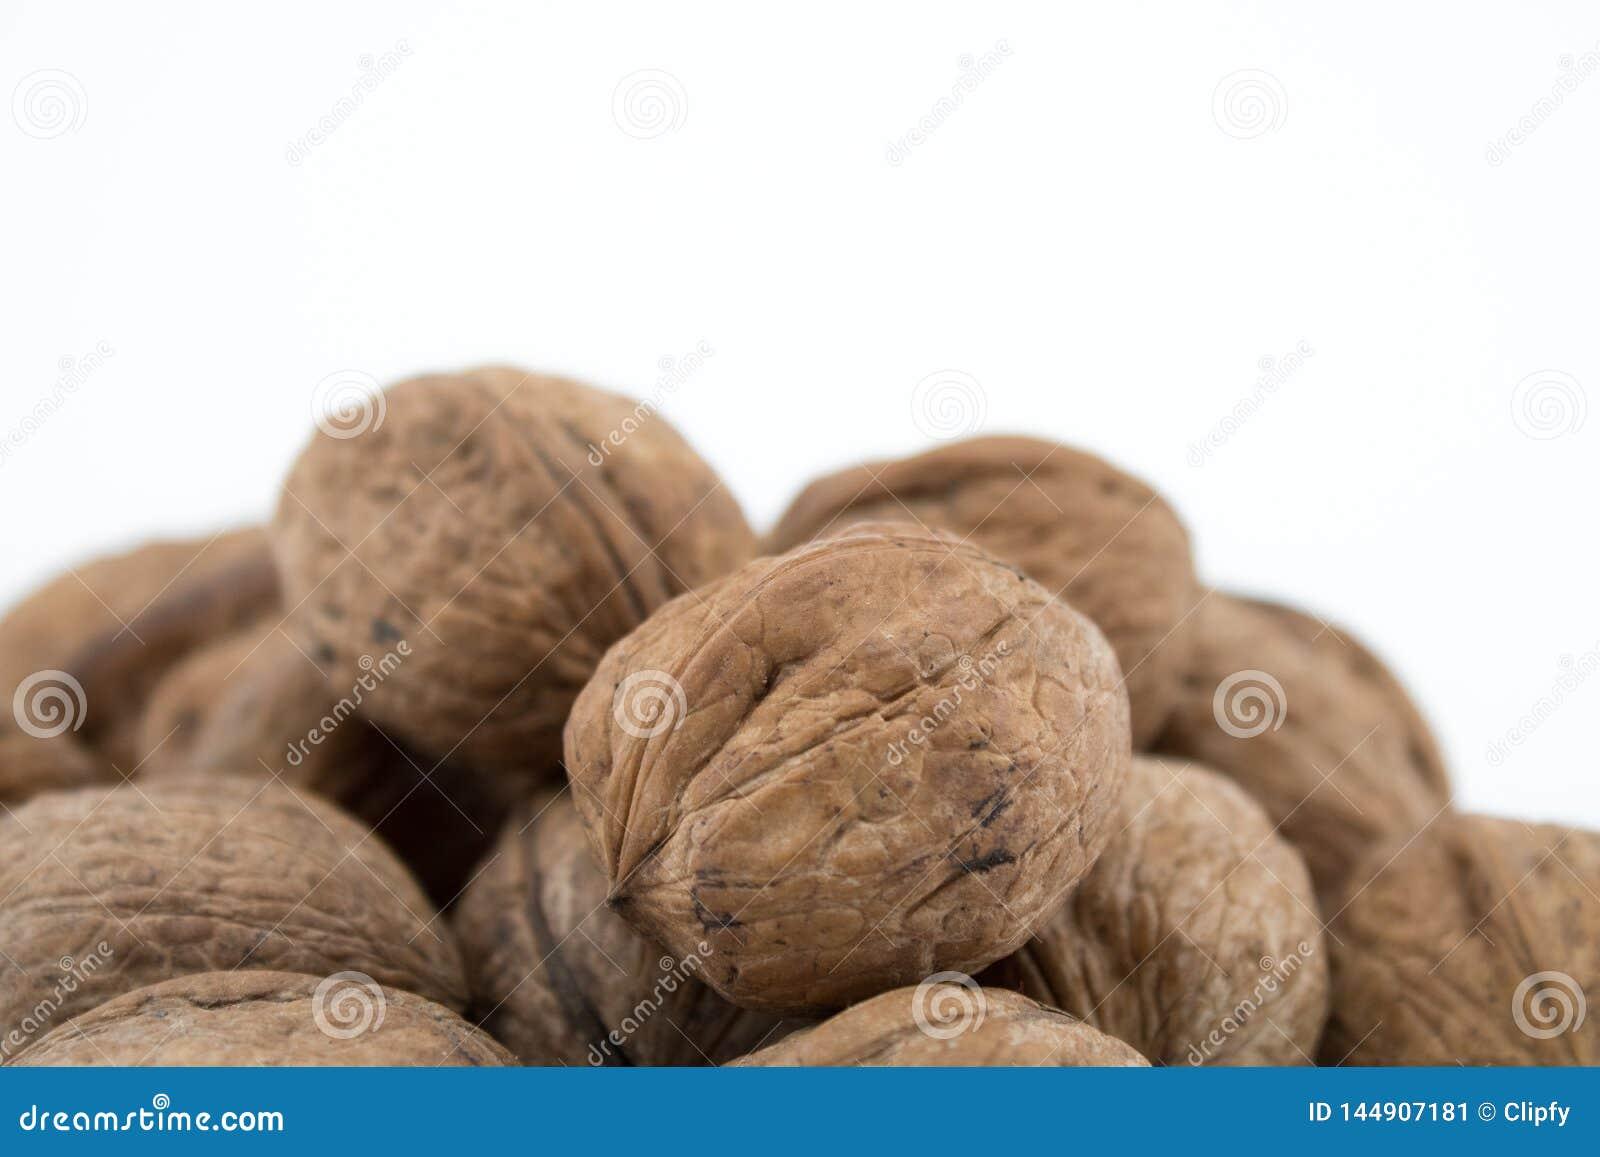 Nueces en el fondo blanco Las subsidios por enfermedad de nueces son muchas